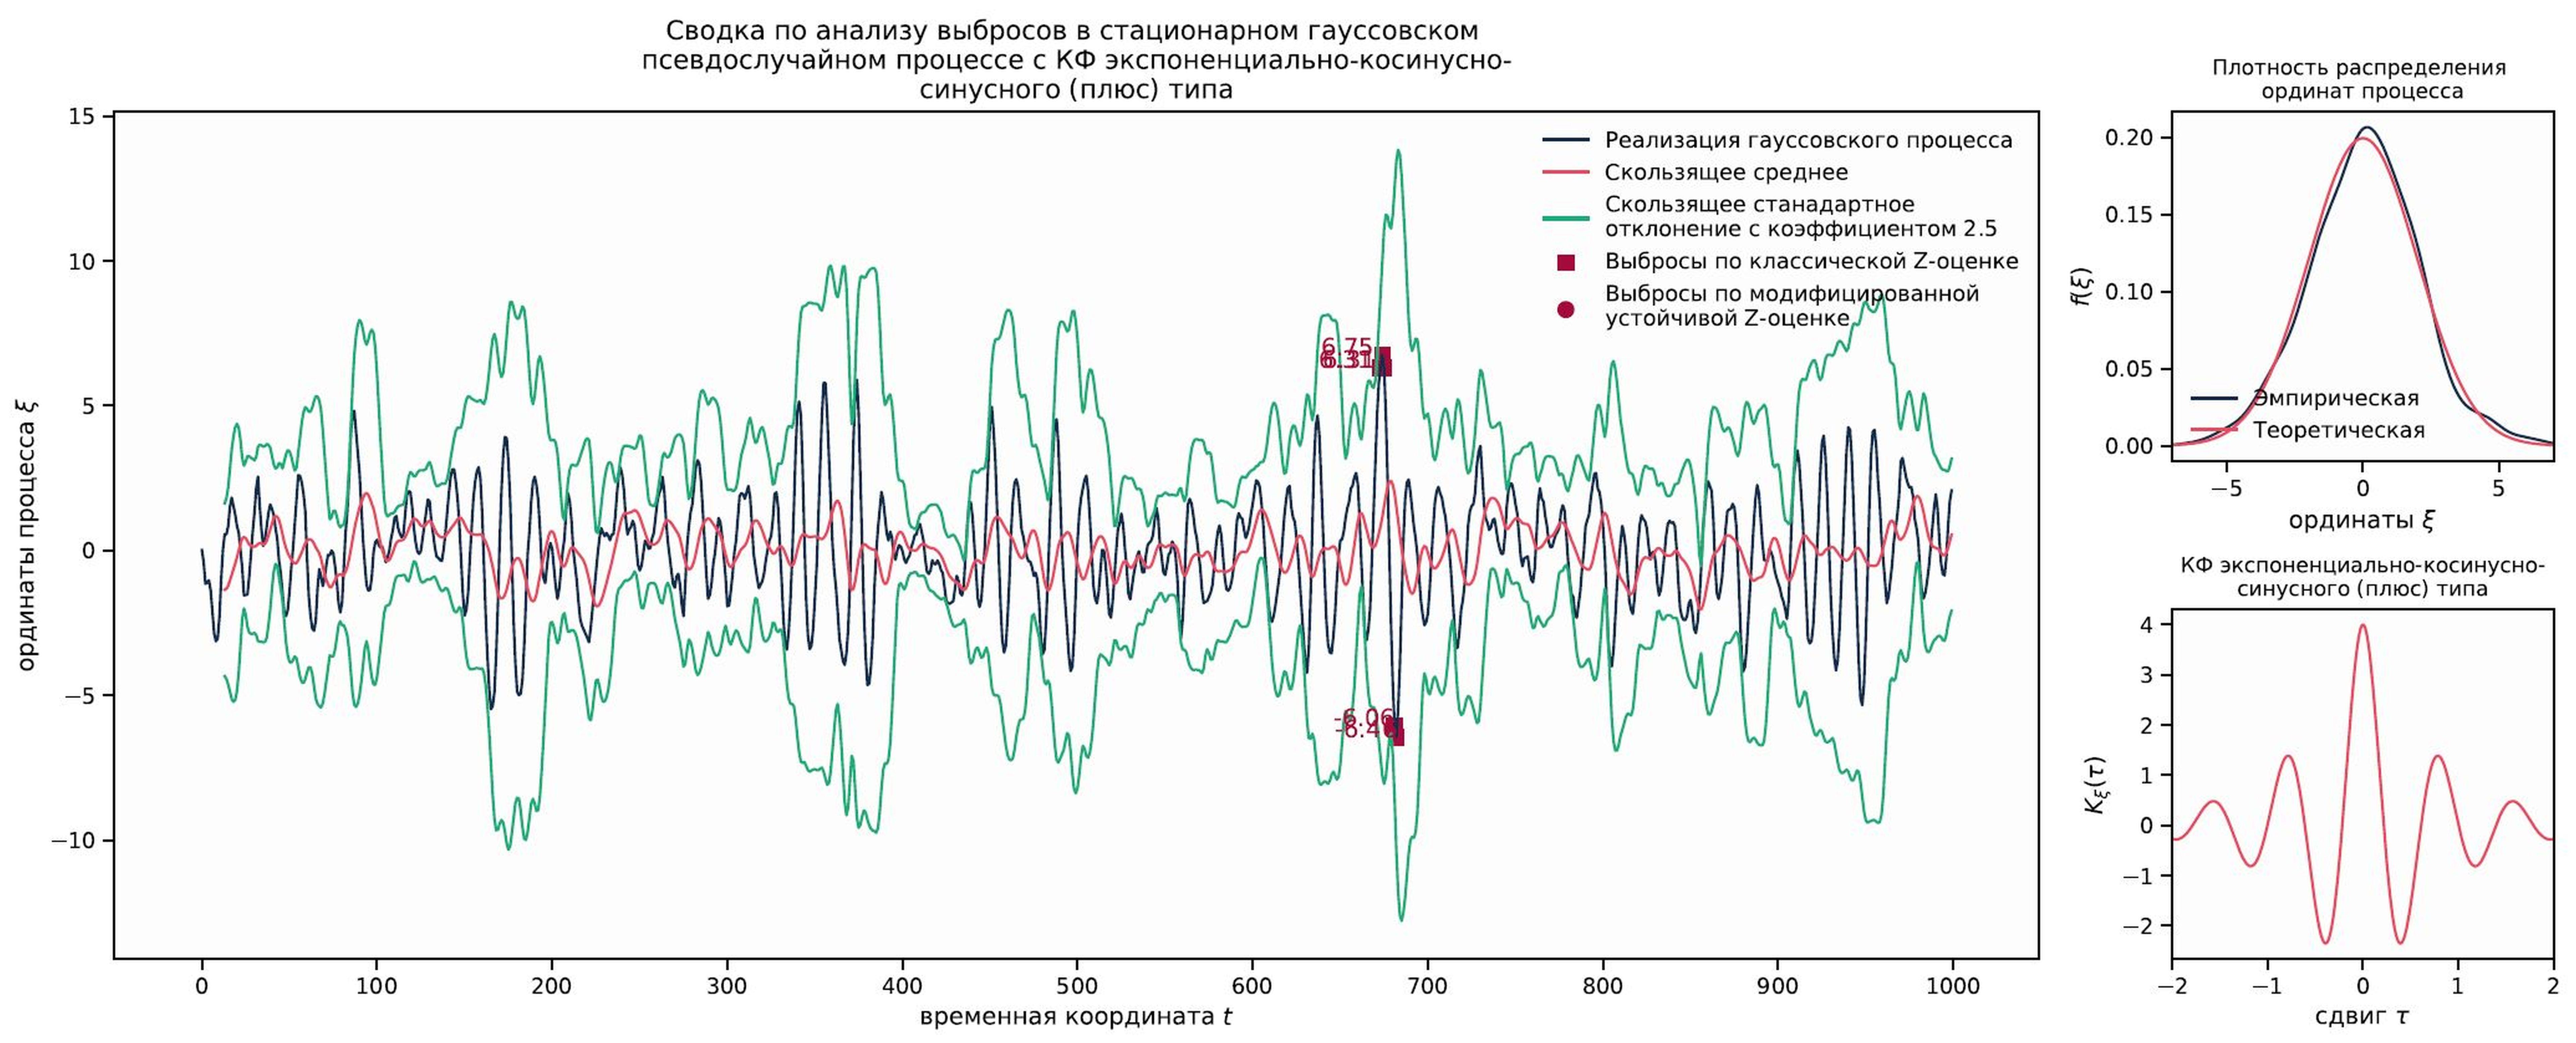 <i>Сводка по анализу выбросов стационарного гауссовского псевдослучайного процесса с корреляционной функцией экспоненциально-косинусно-синусного типа (плюс)</i>